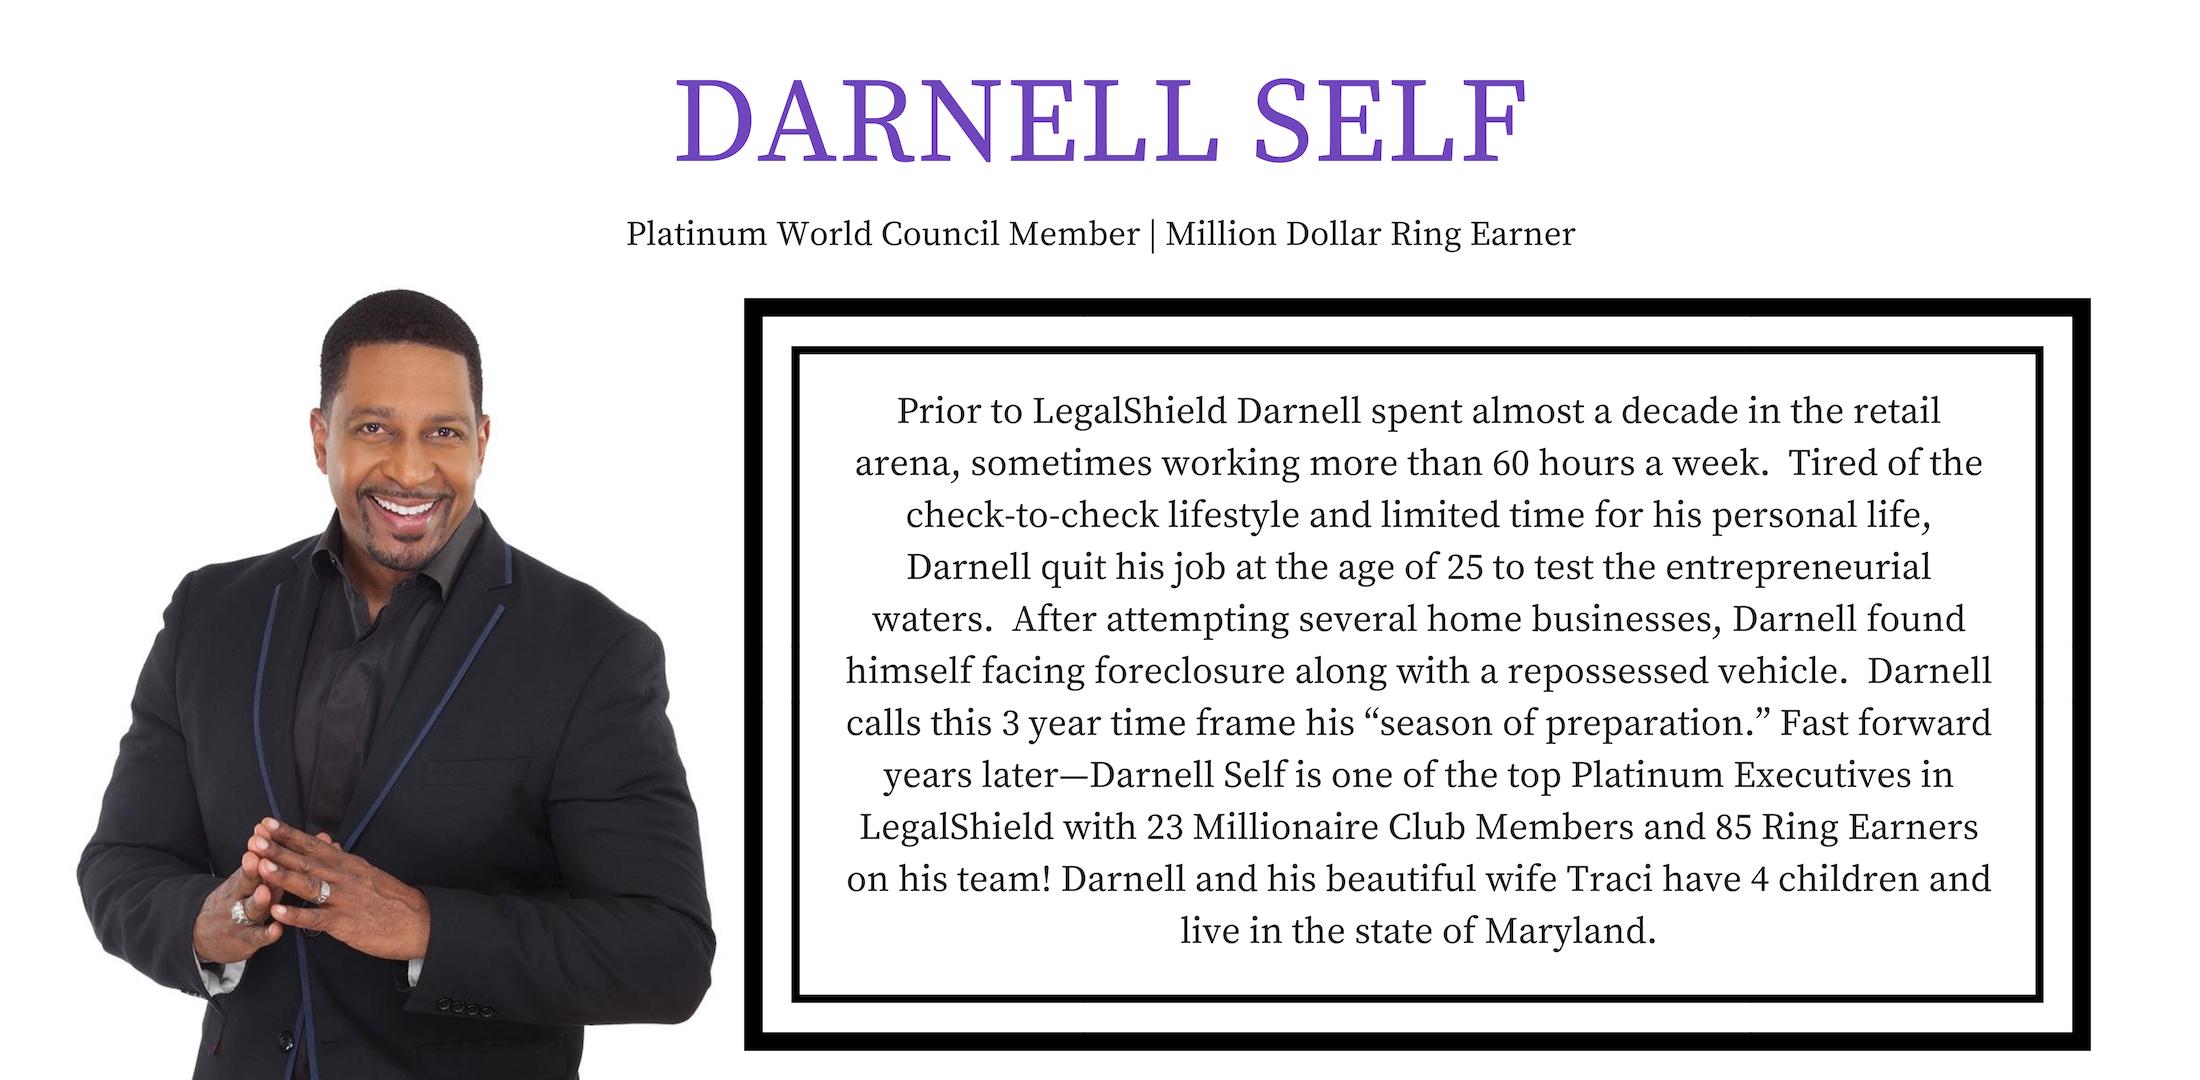 DarnellSelf